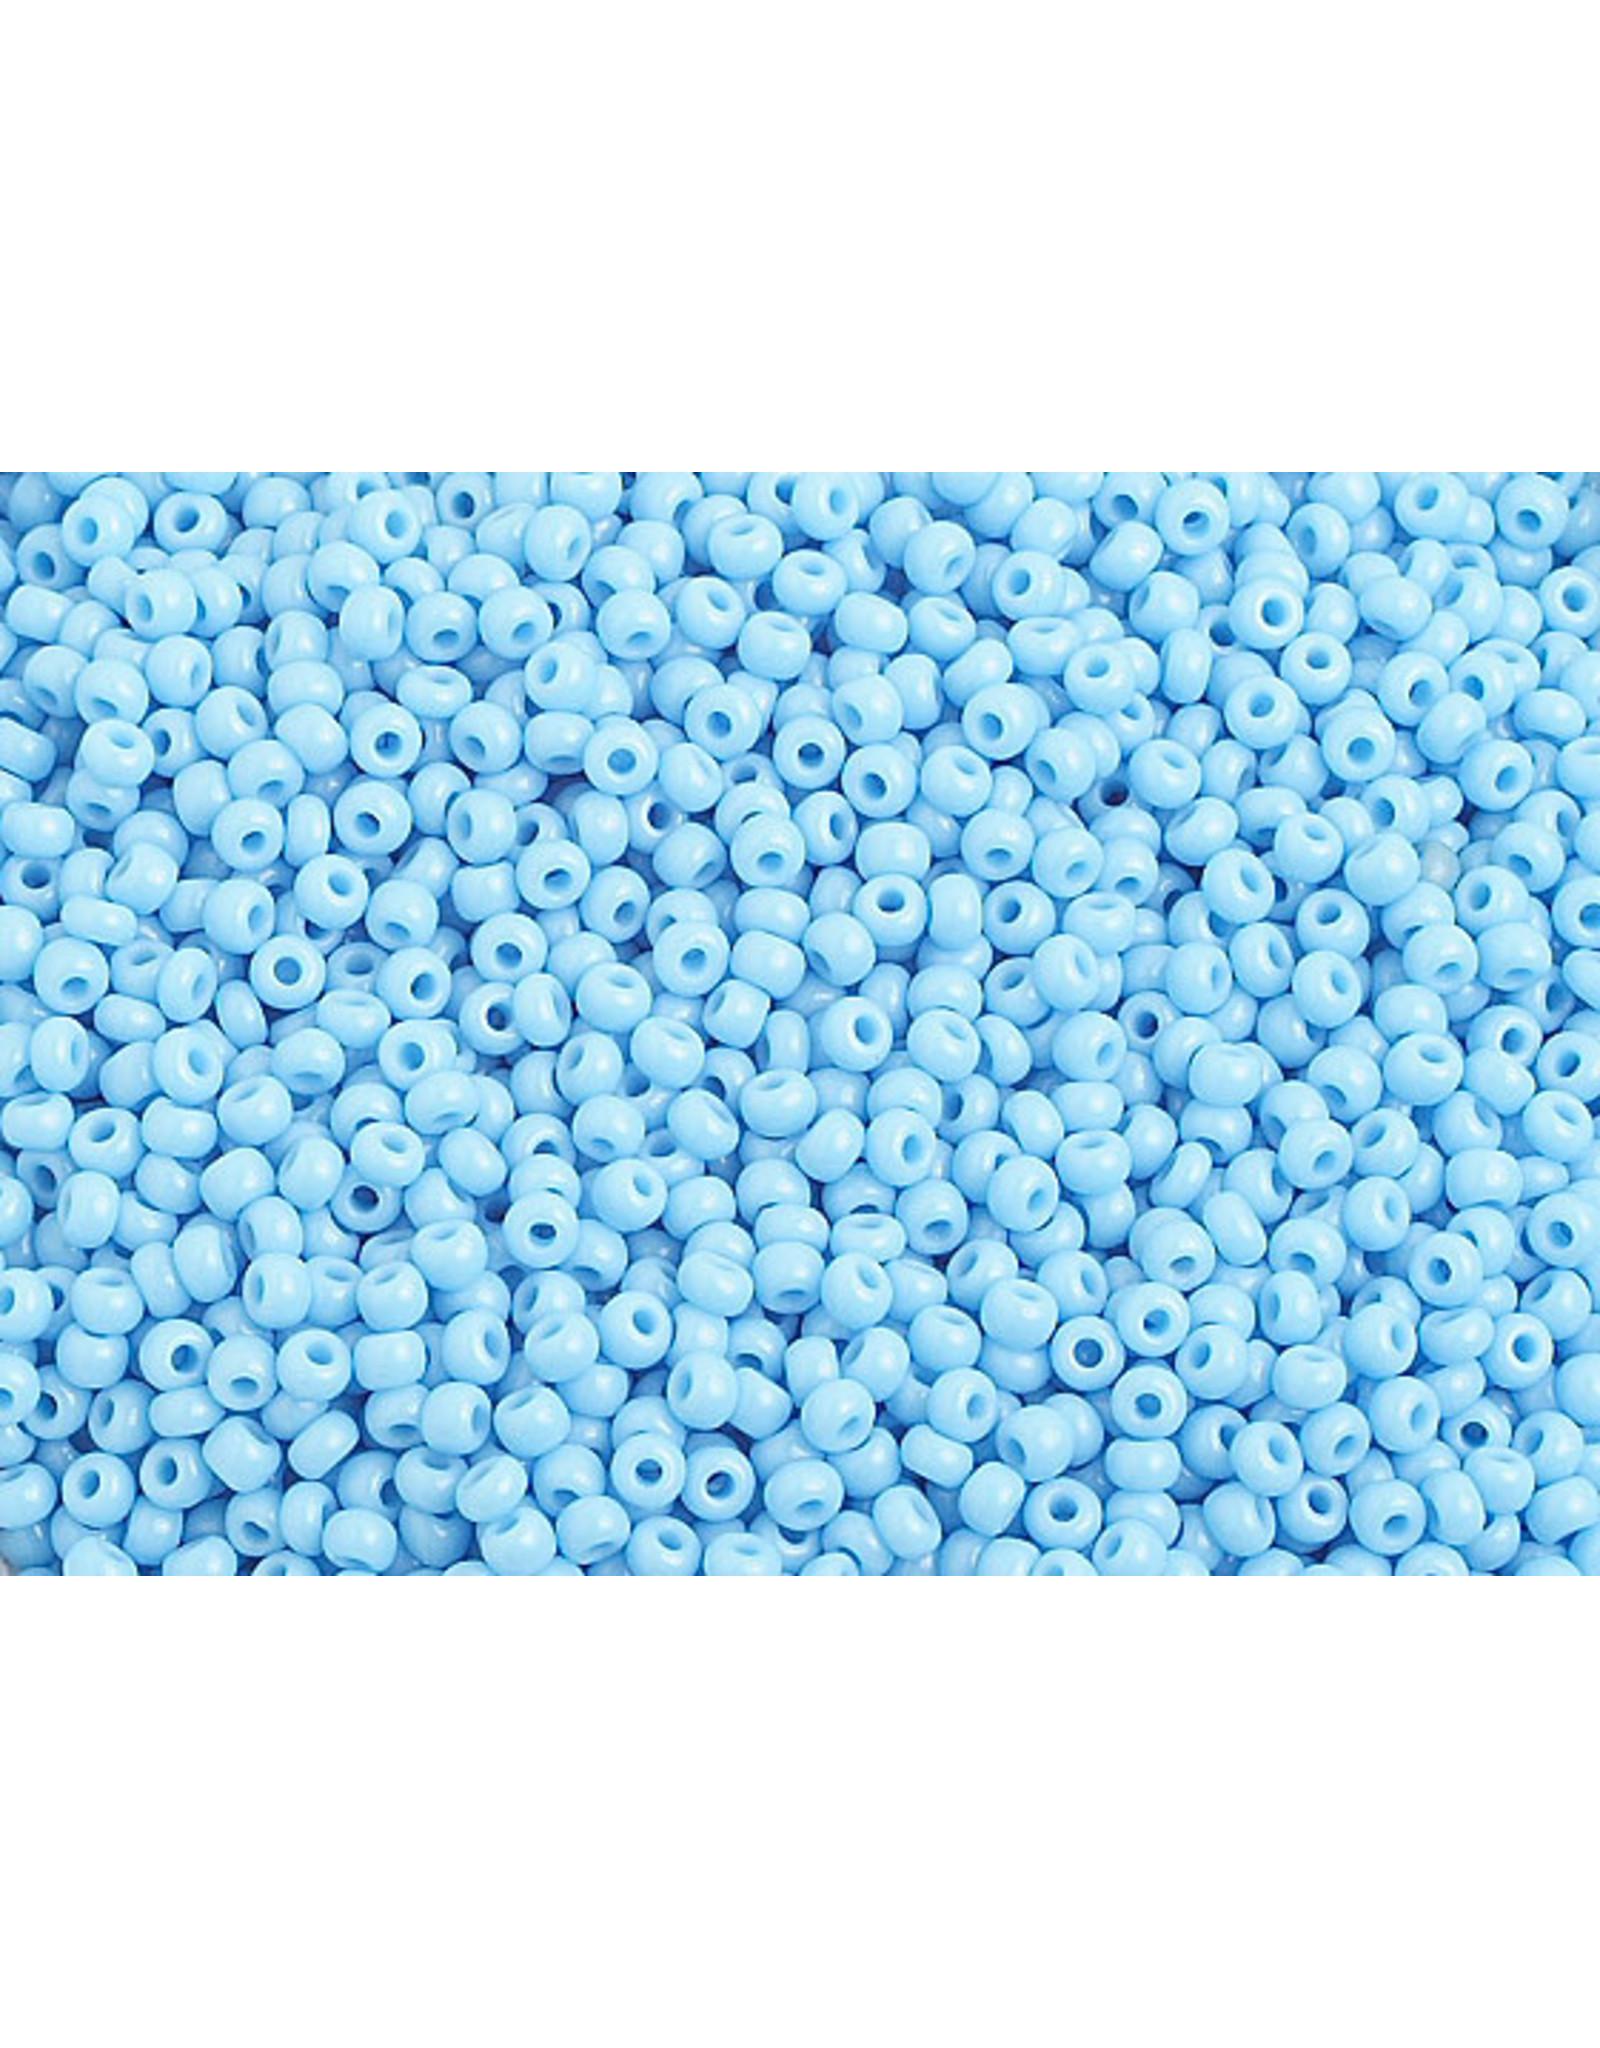 Czech 1010B 10 Czech Seed 250g Opaque Light Blue